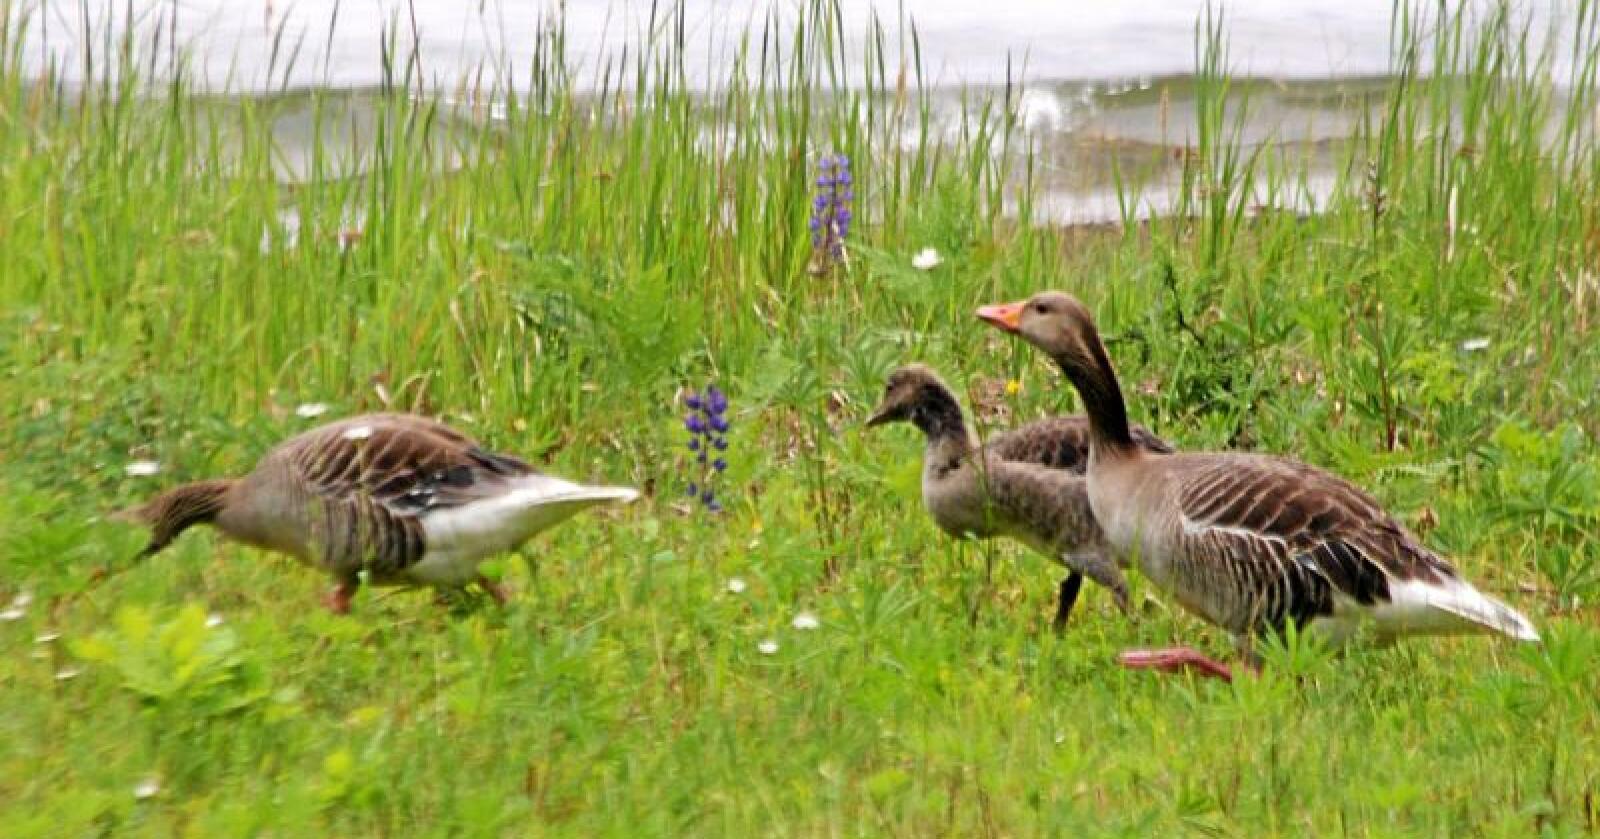 Vi må tillate normale bestander av arter, og grågåsa er en av få sjøfuglarter som fortsatt finnes i normale bestander, skriver Jenny Rolness. Foto: Jon Haaland